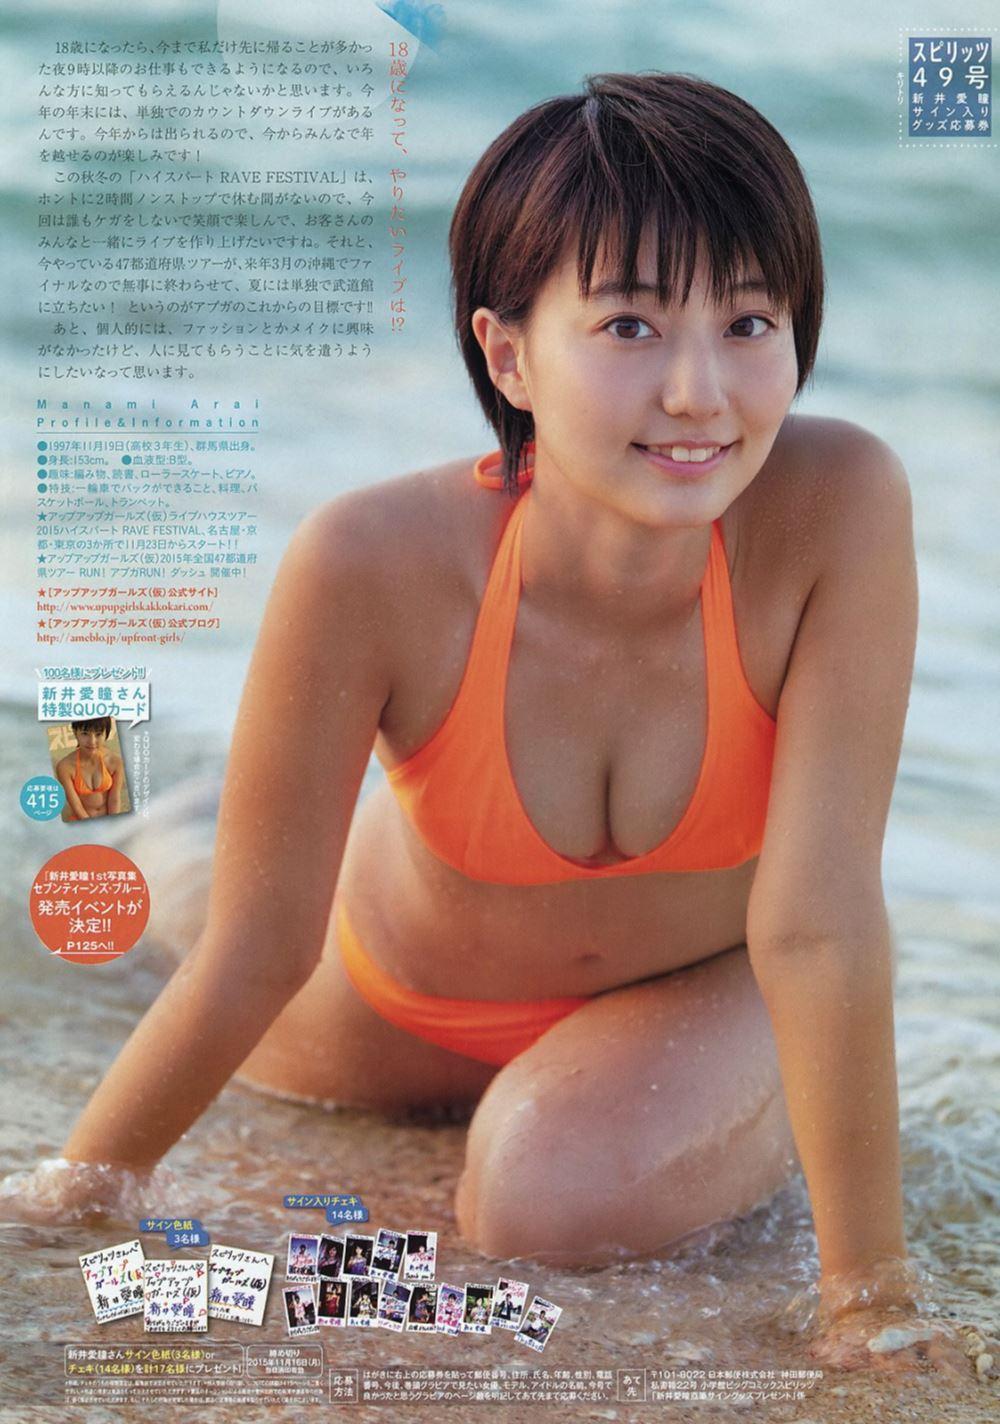 新井愛瞳 画像 50